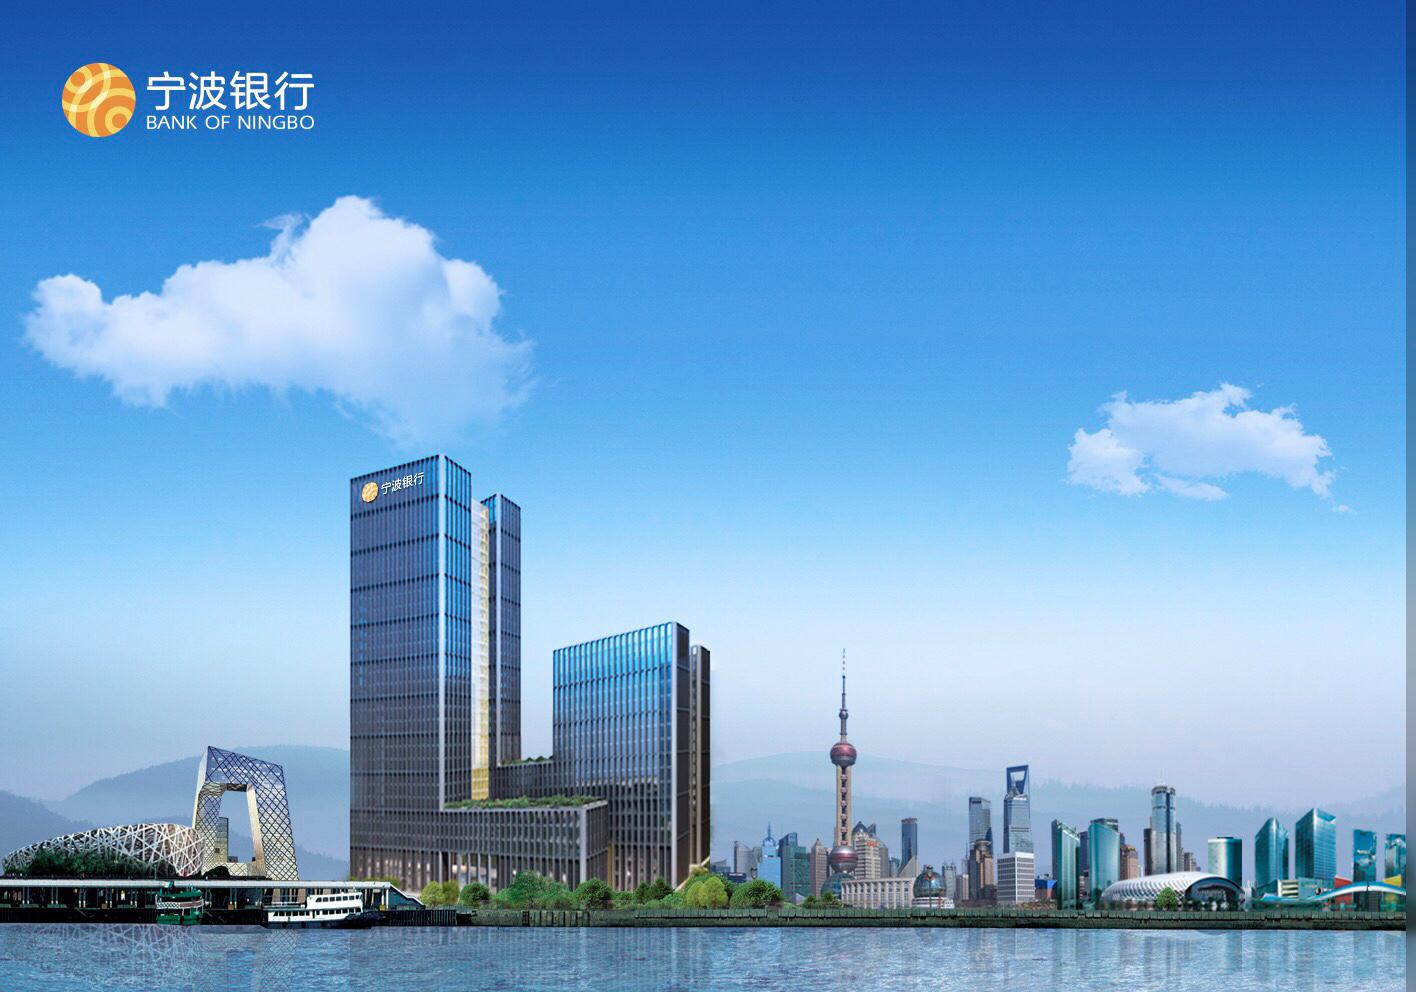 宁波银行2019年营收和净利润增速均超20% 大零售业务和中收占比持续提高